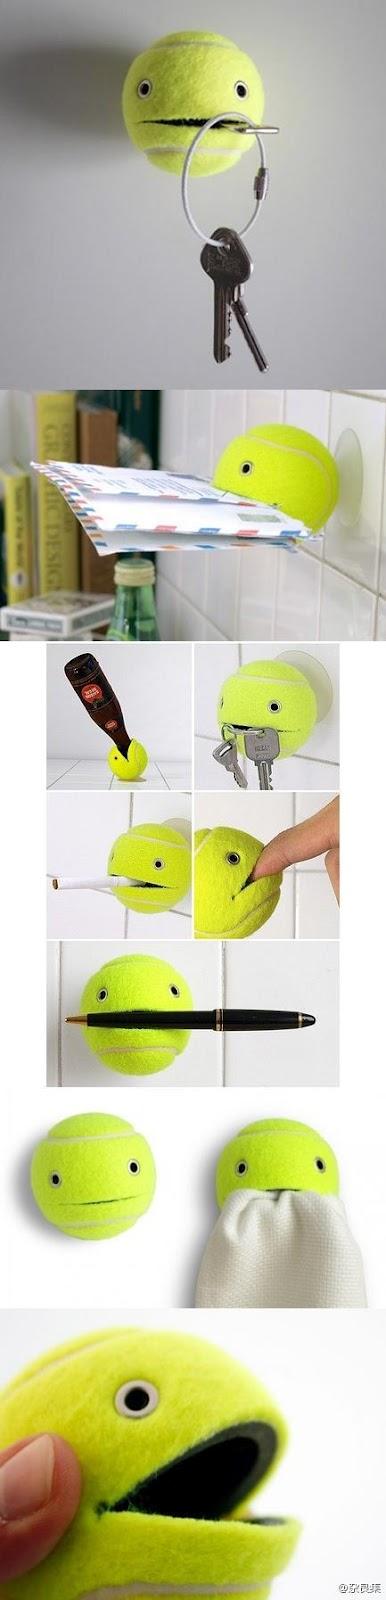 reciclar pelota de tenis